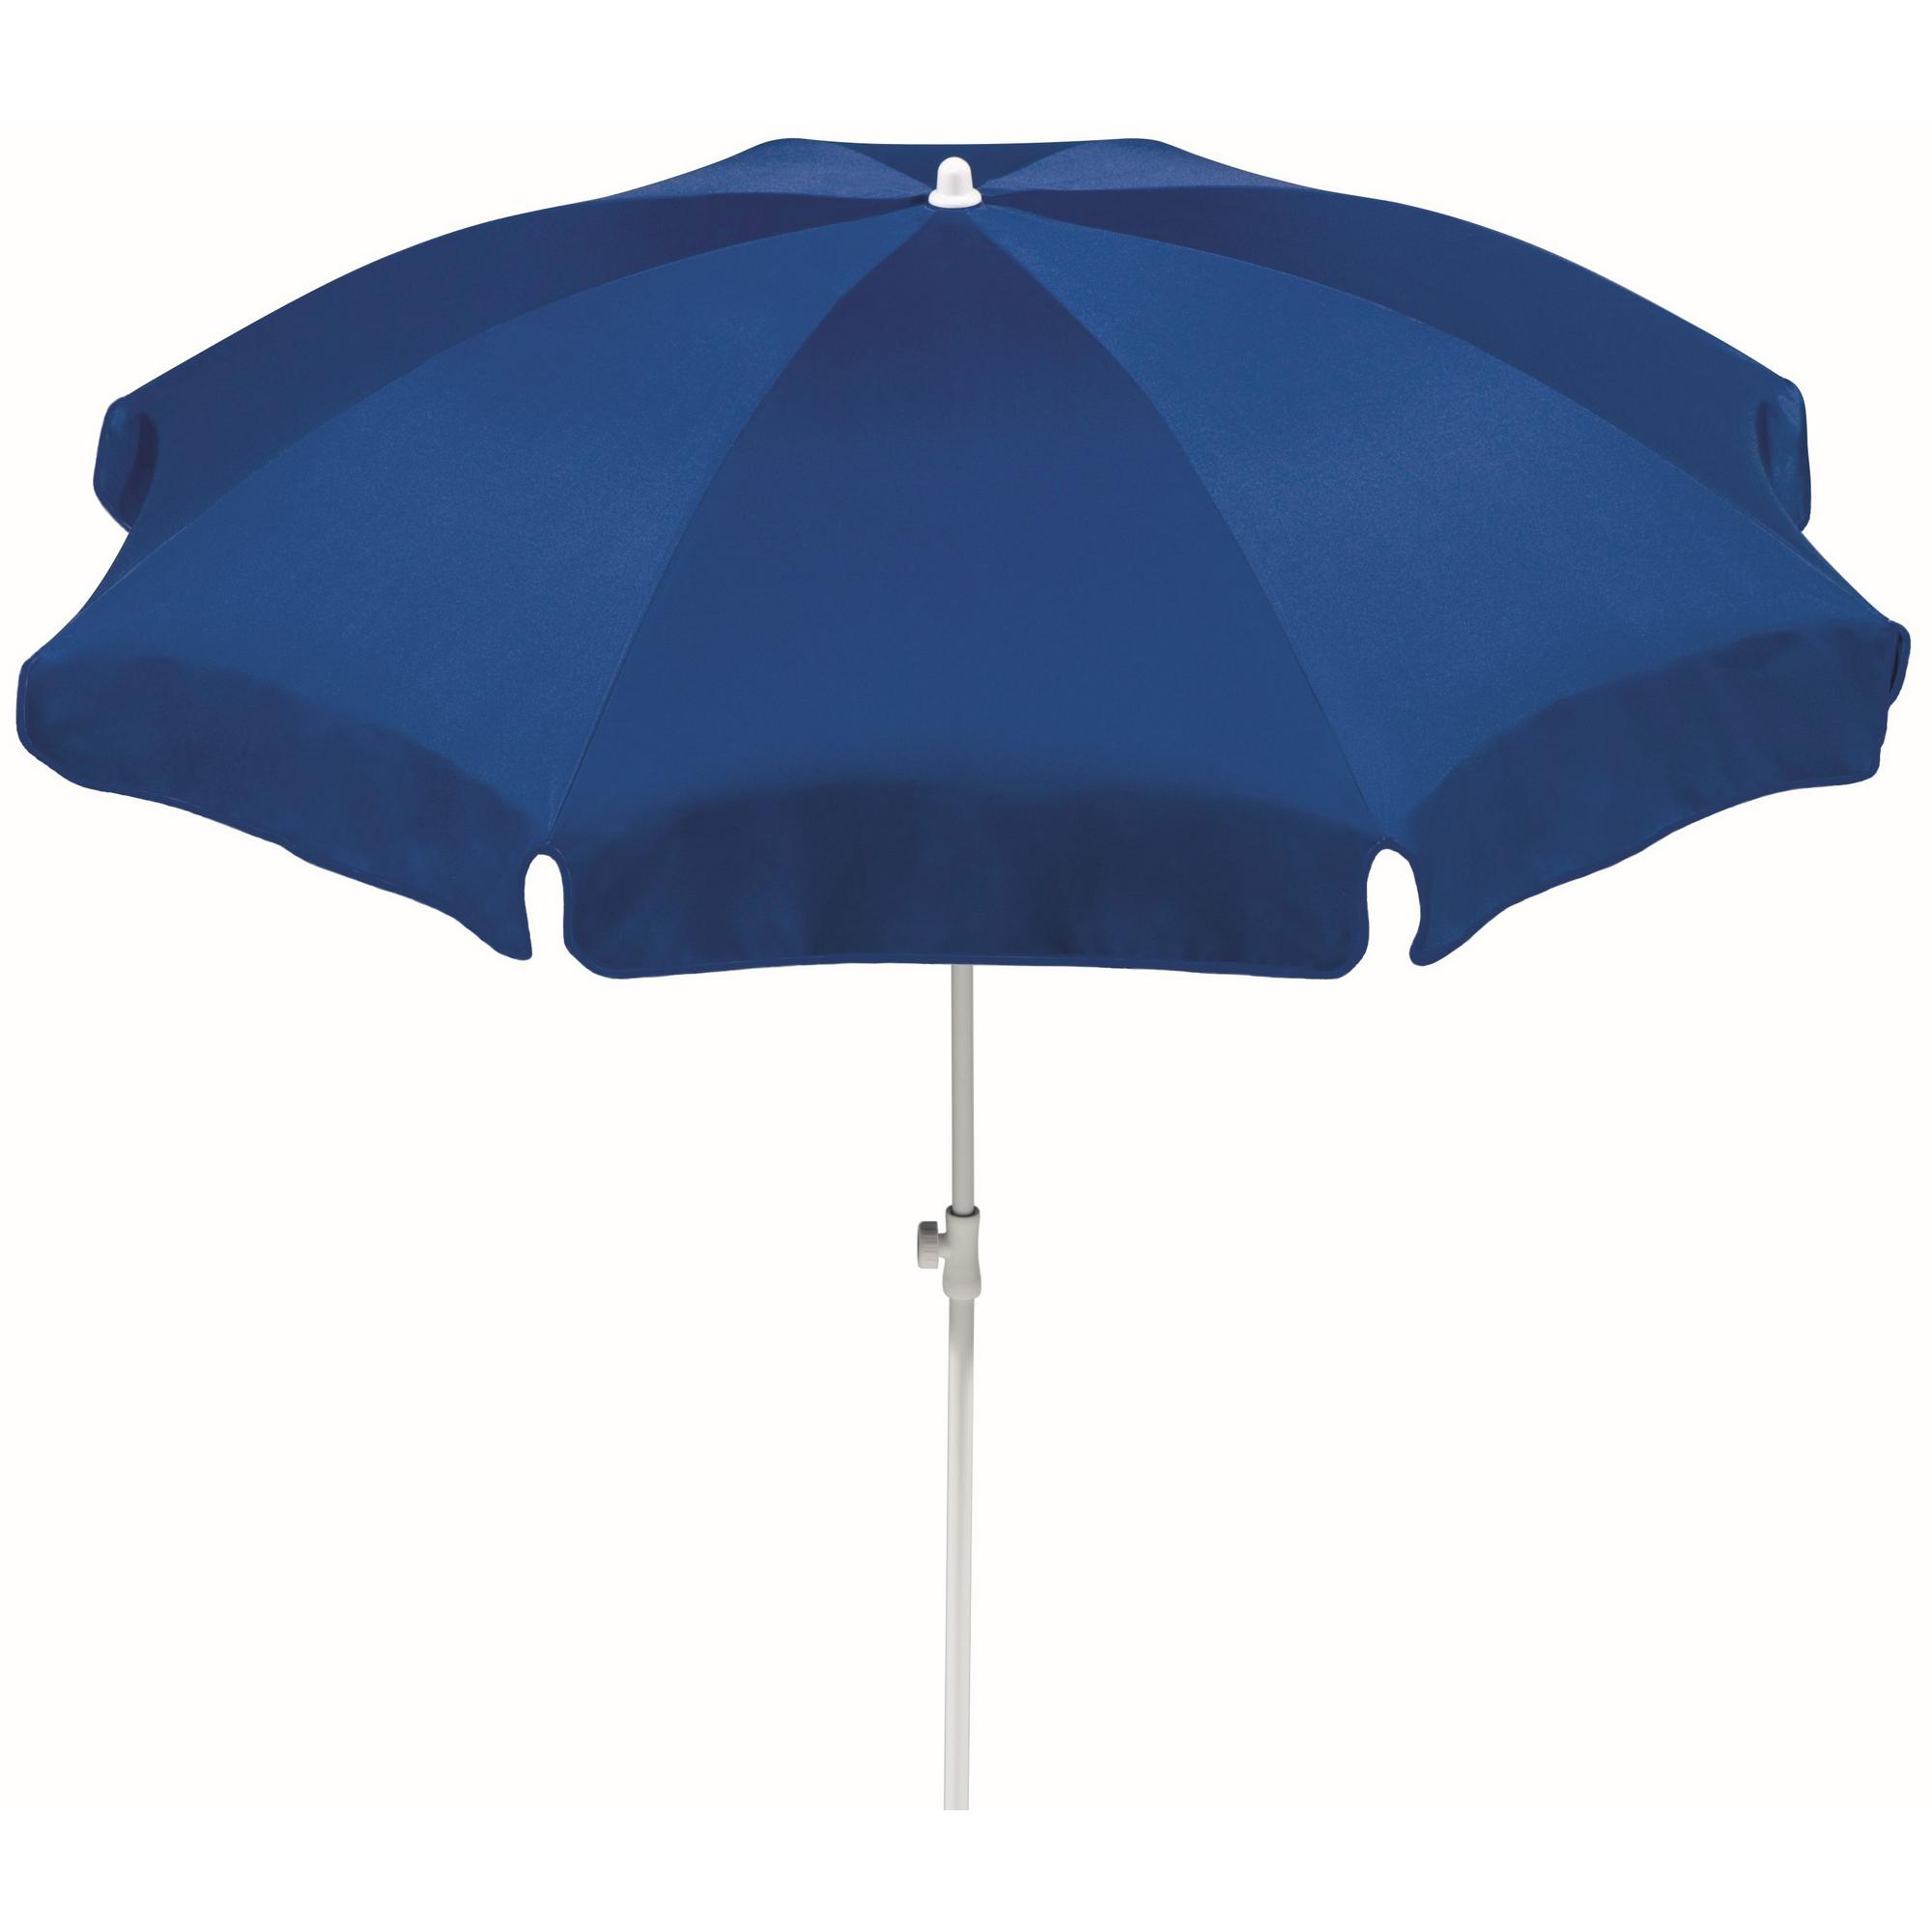 Schneider Schirme Sonnenschirm Ibiza, blau